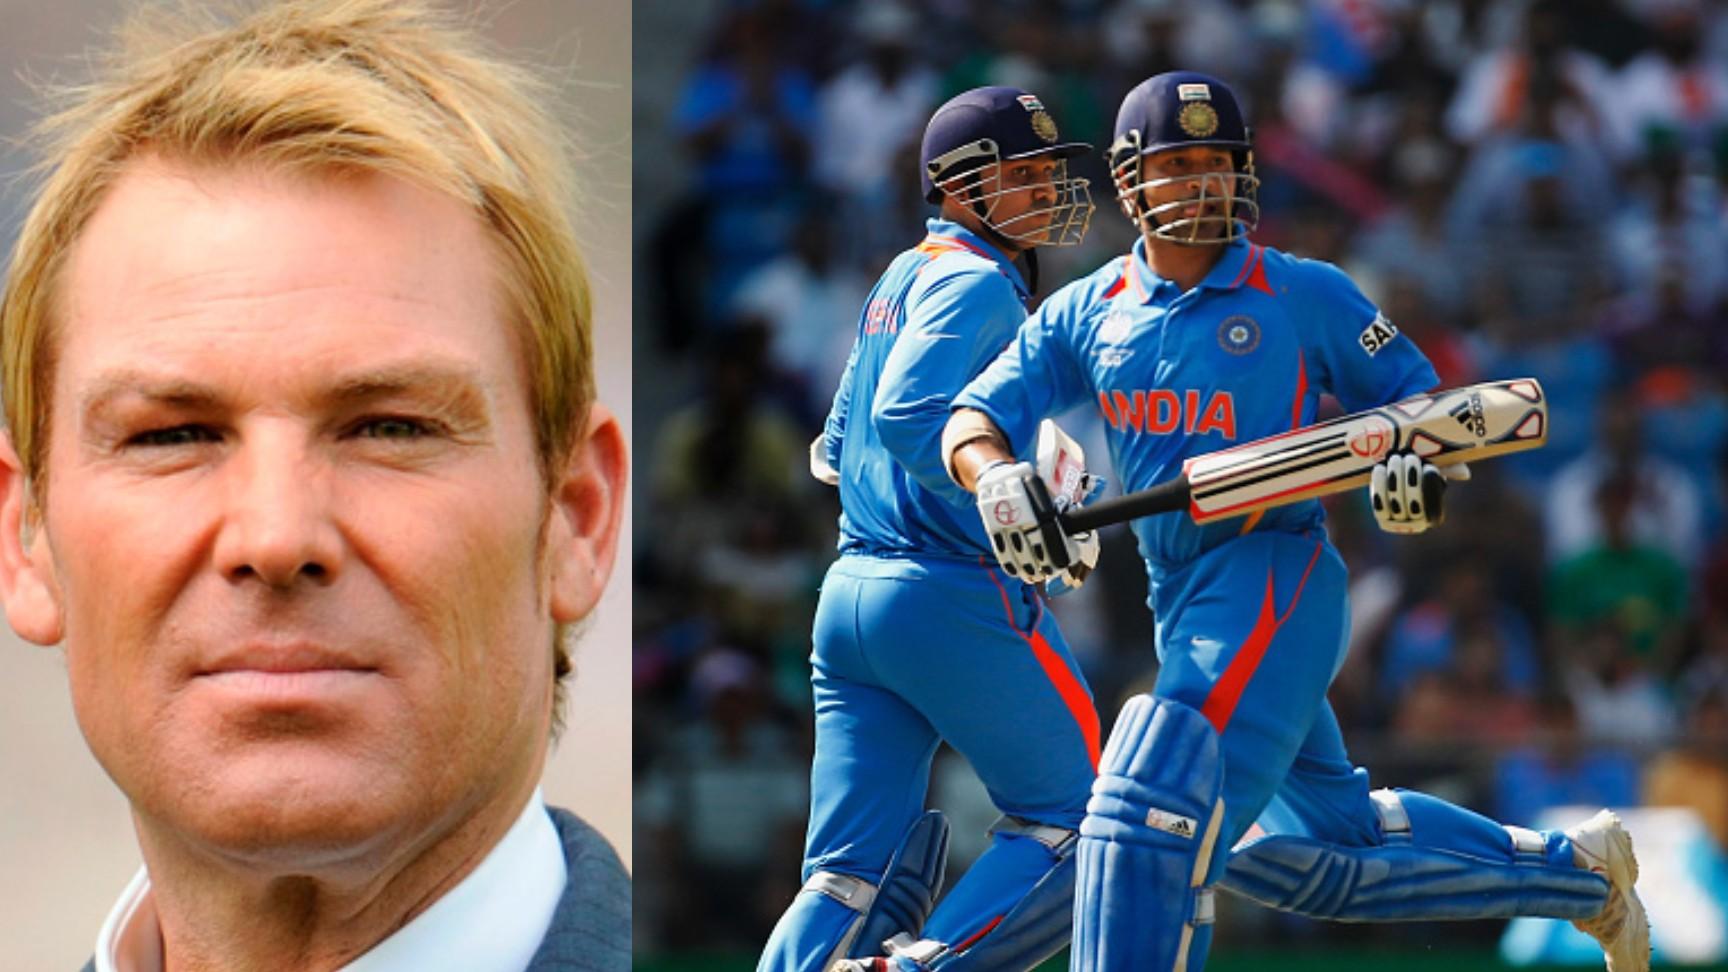 Shane Warne includes Sachin Tendulkar and Virender Sehwag in his all-time ODI XI